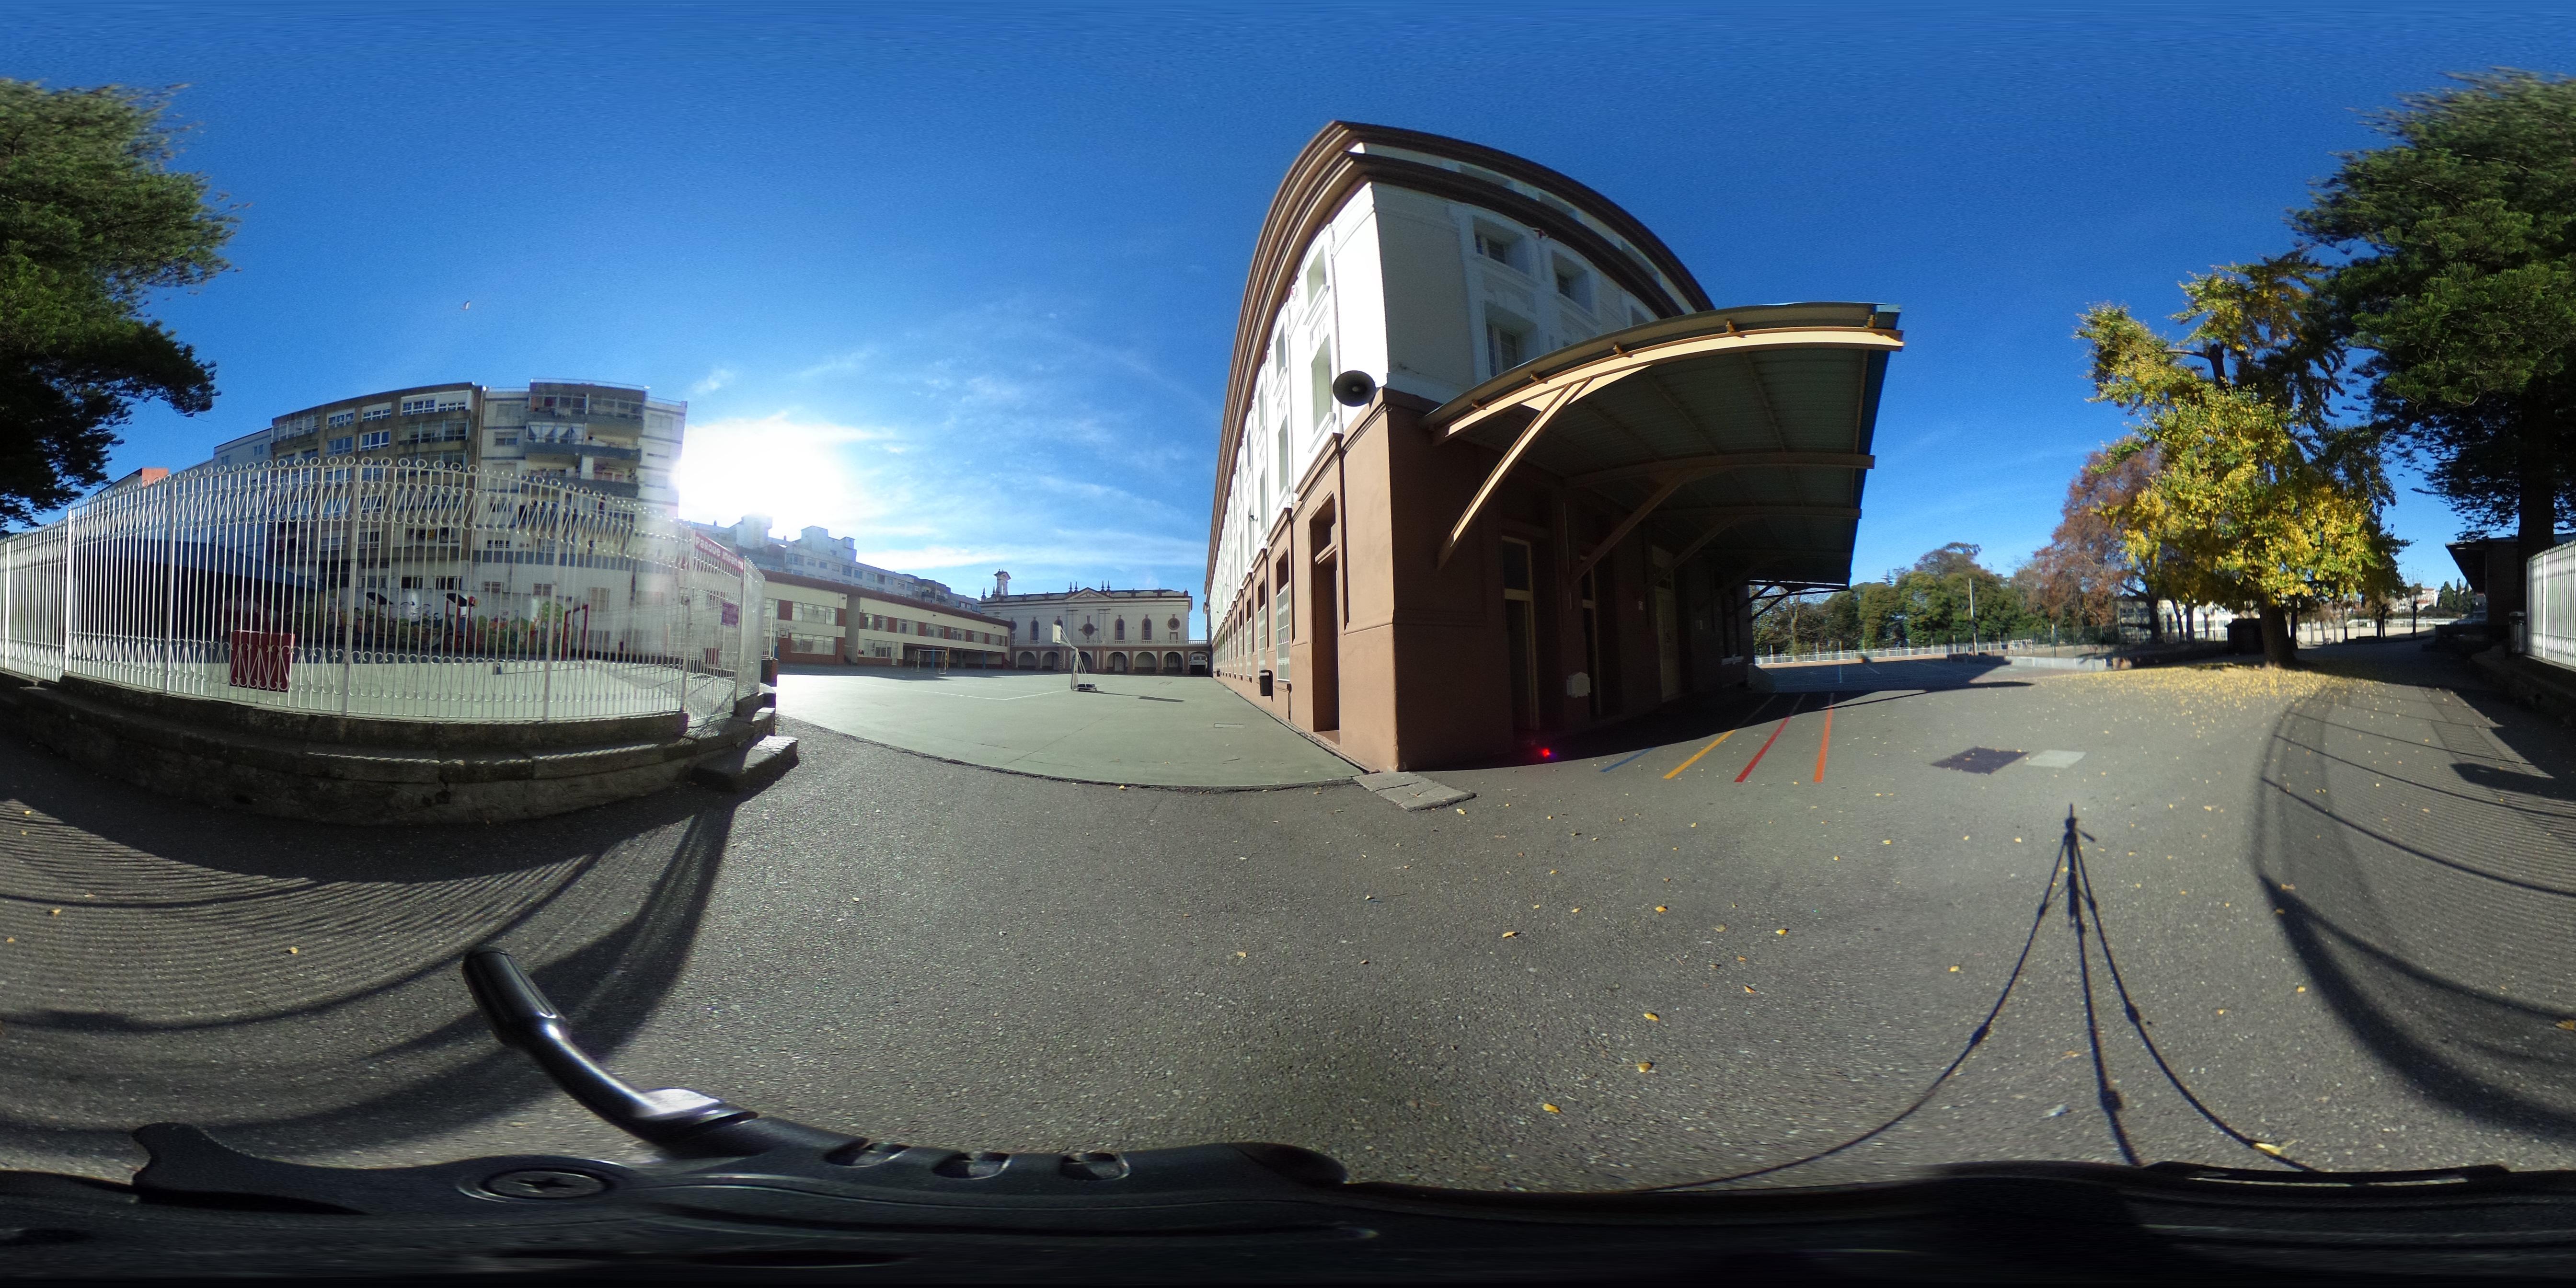 Zona infantil e edificio nobre